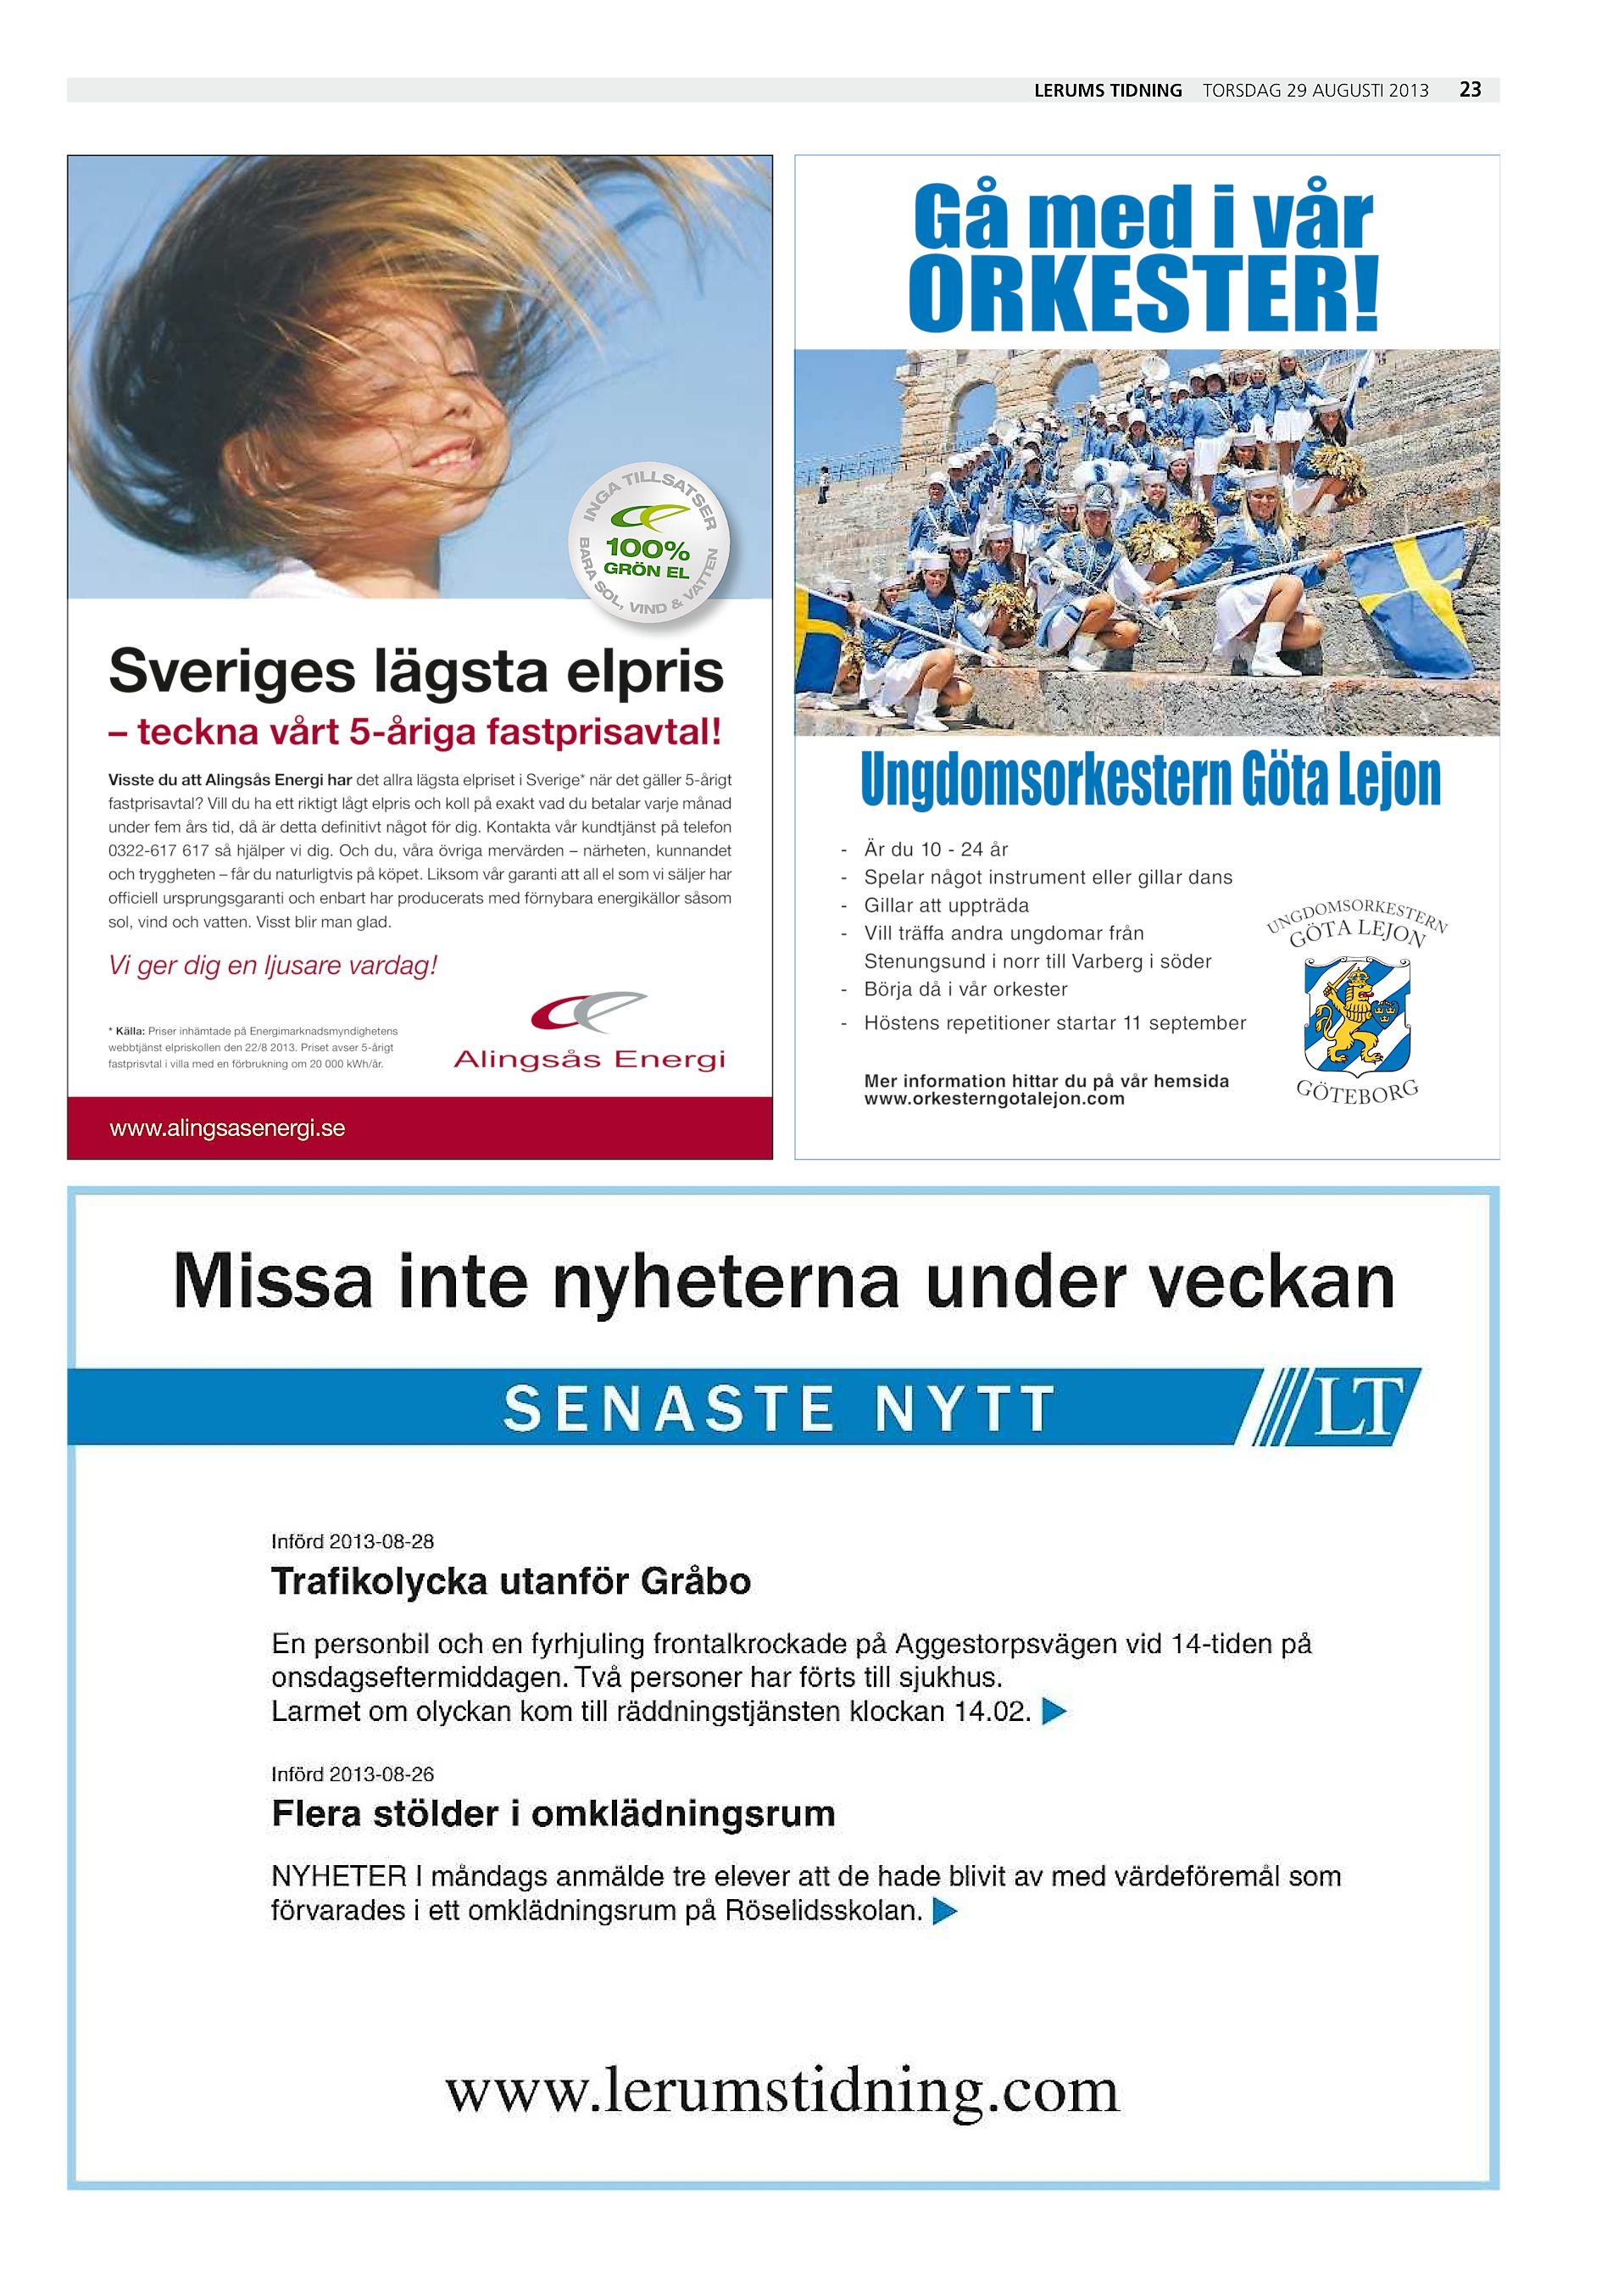 Trffa singlar frn hela Sverige p Mtesplatsen